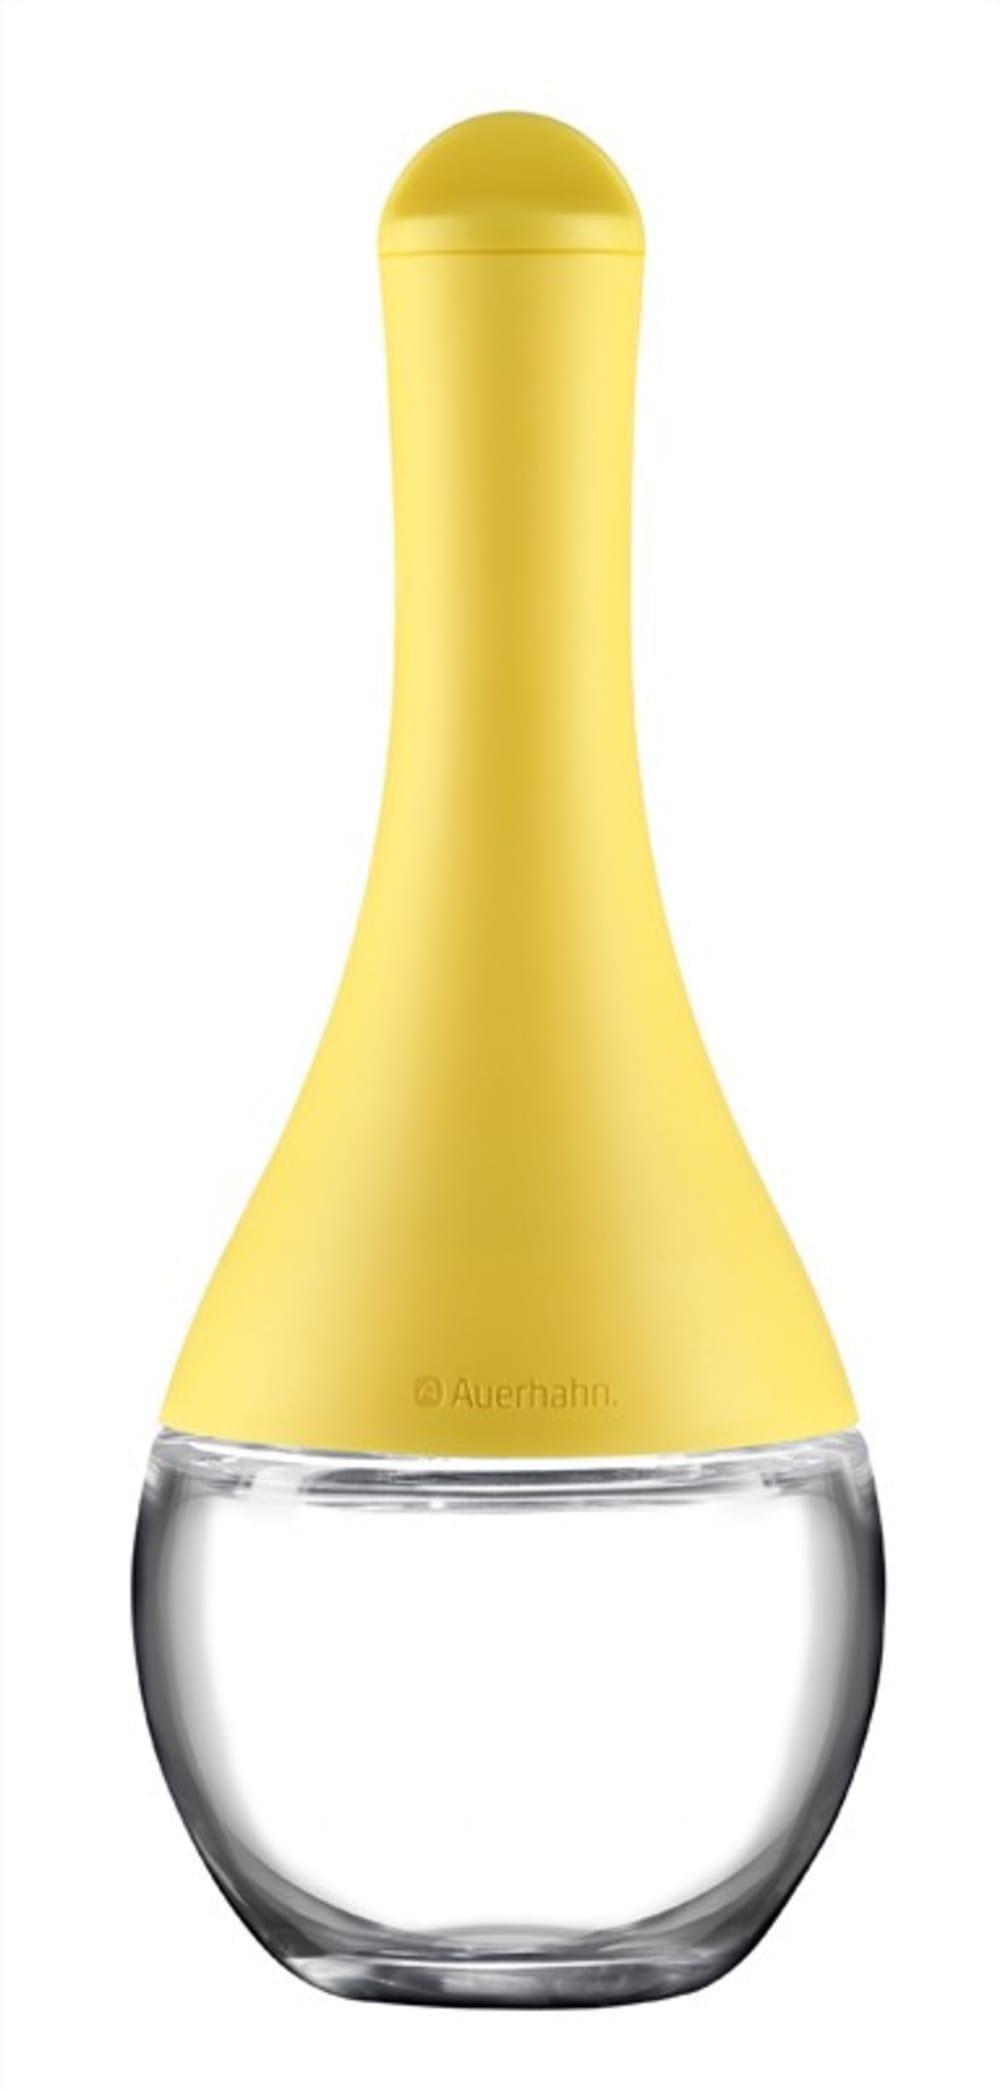 Auerhahn - Shaker do przypraw BATIDO, żółty